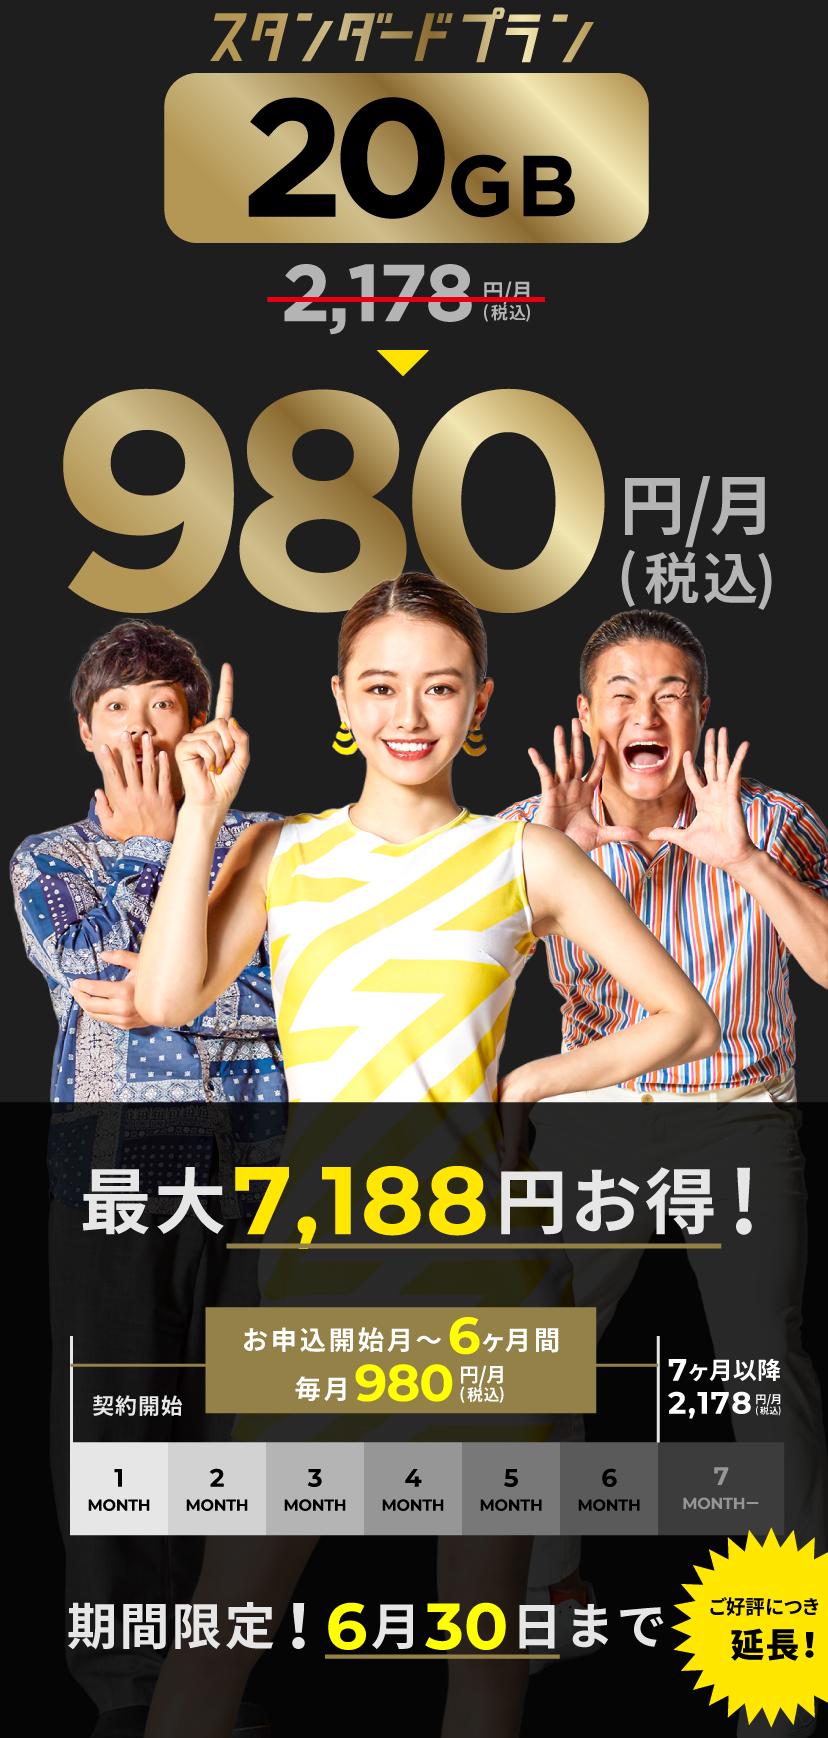 スタンダードプラン20GB980円/月(税込)最大7,188円お得!期間限定6月30日まで